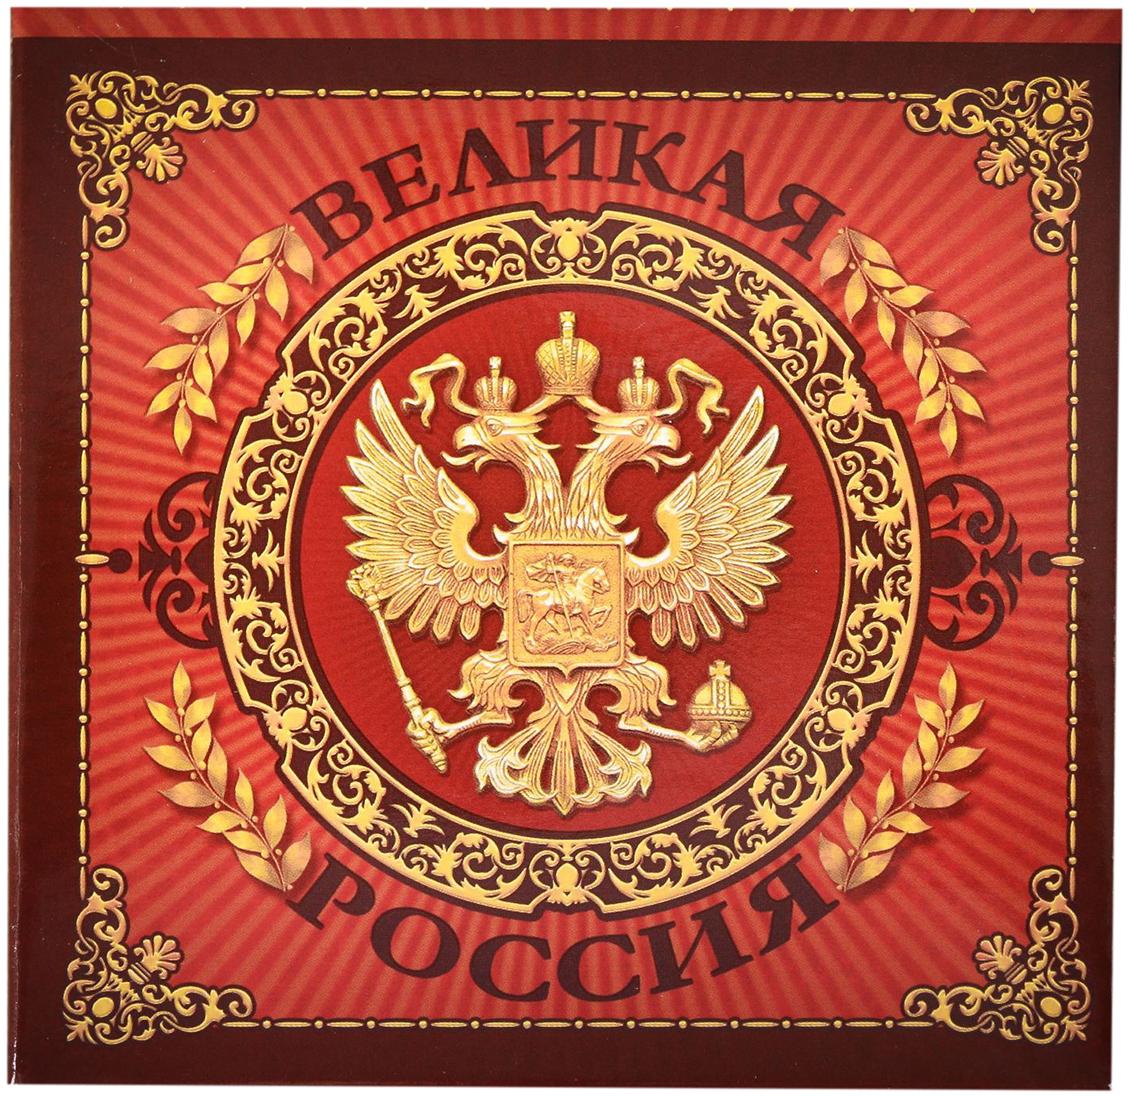 Блок для записей Великая Россия, 9 x 9 см, 100 листов блок для записей тюмень 9 x 9 см 150 листов